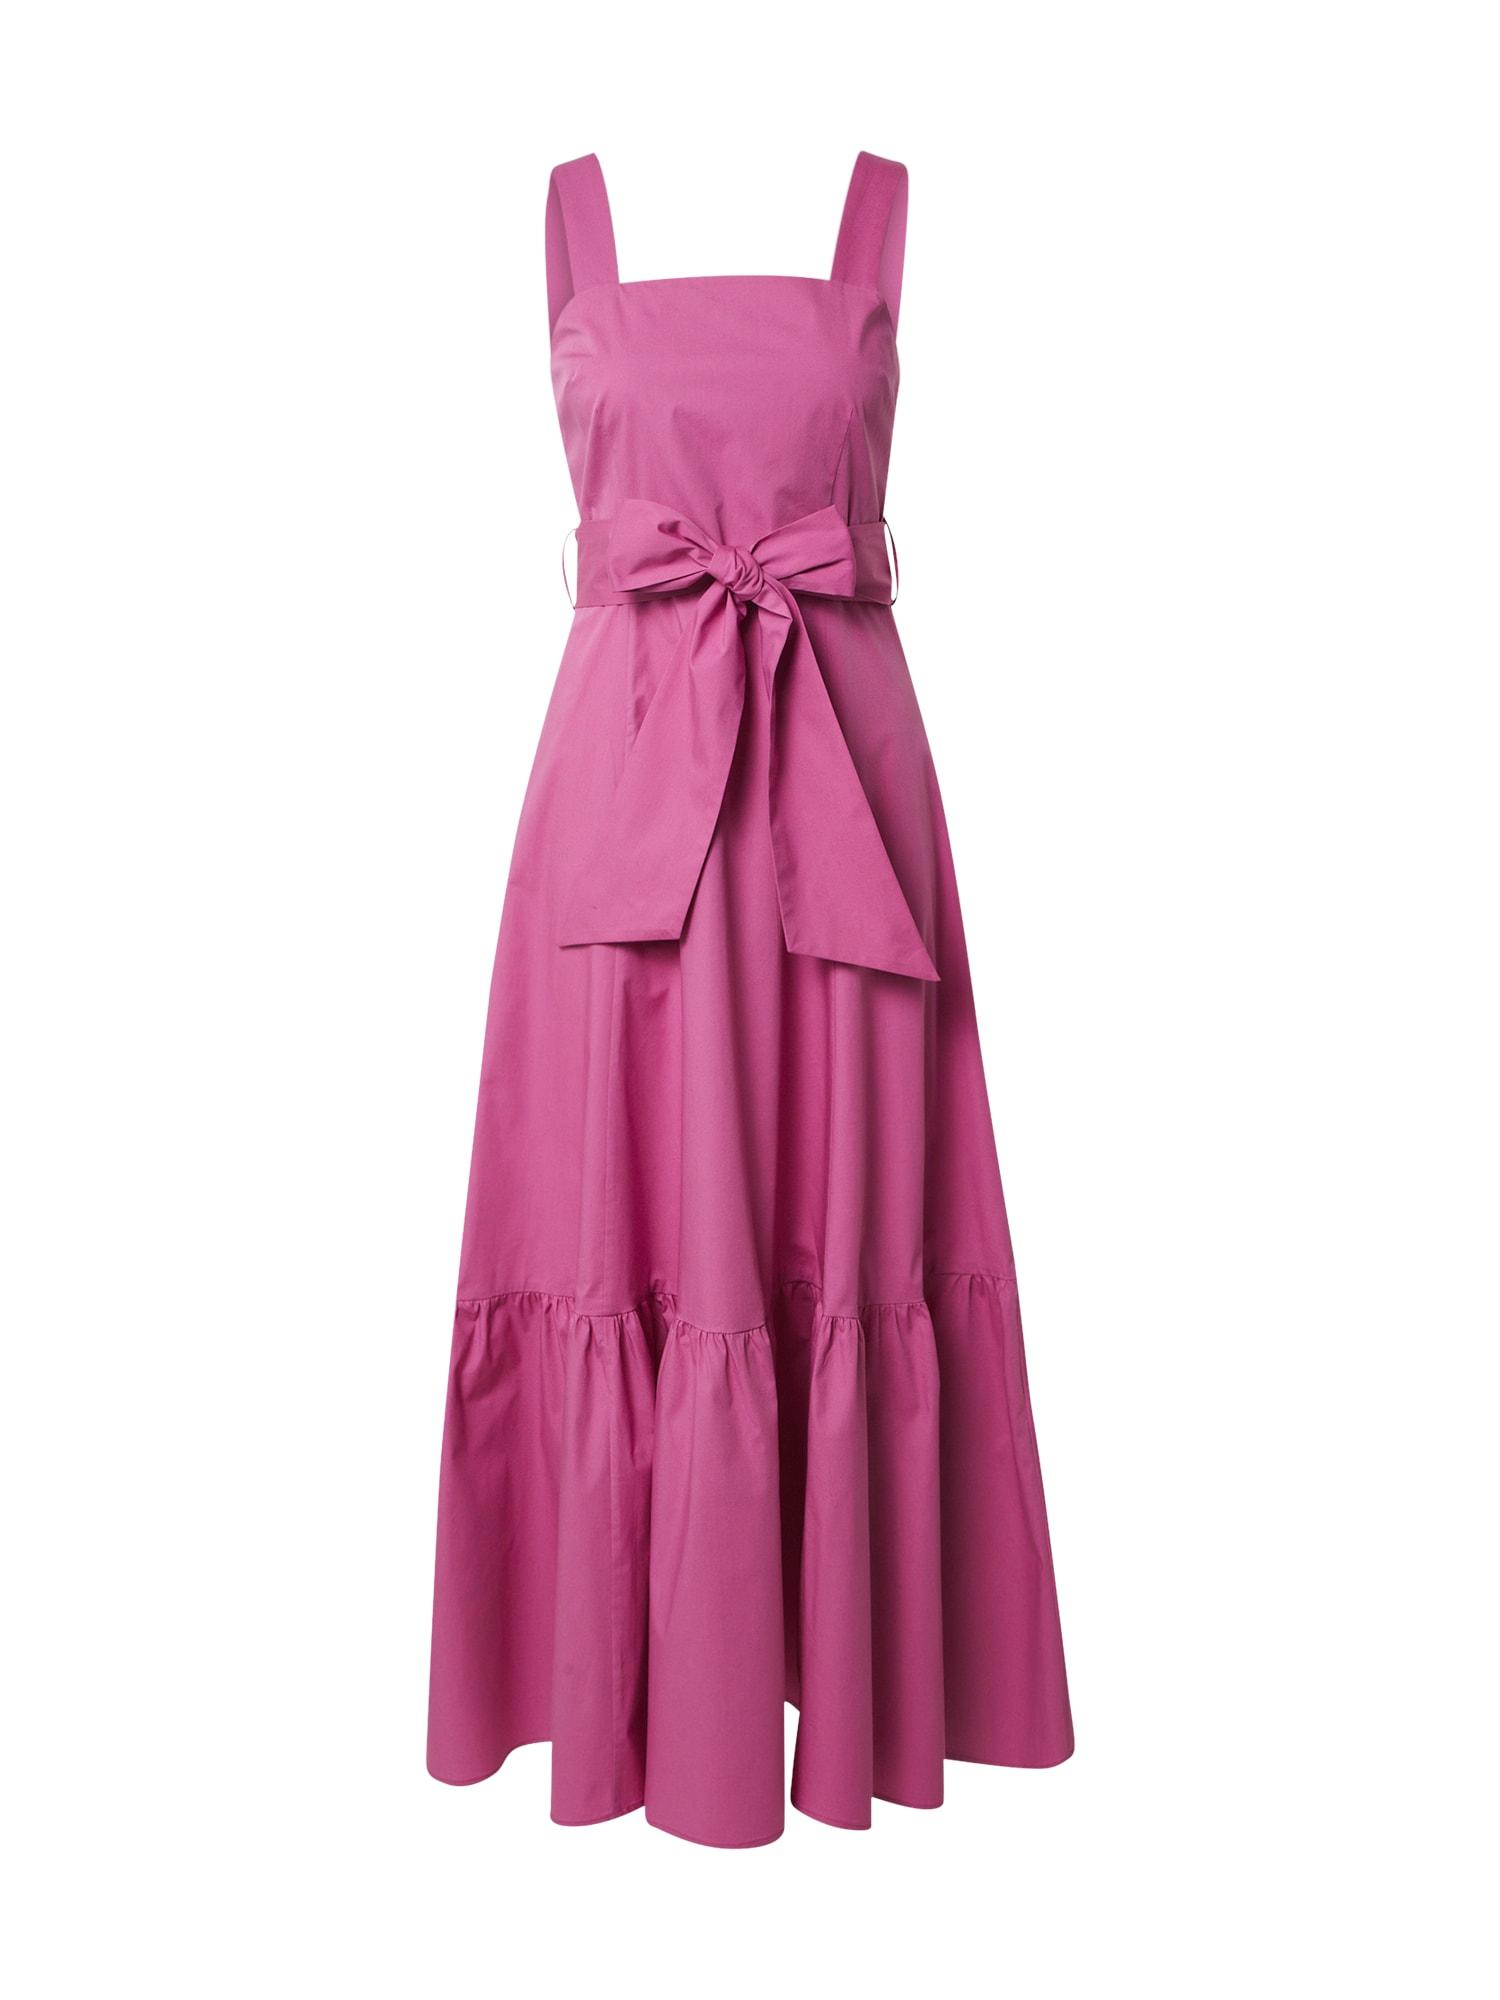 IVY & OAK Vasarinė suknelė fuksijų spalva